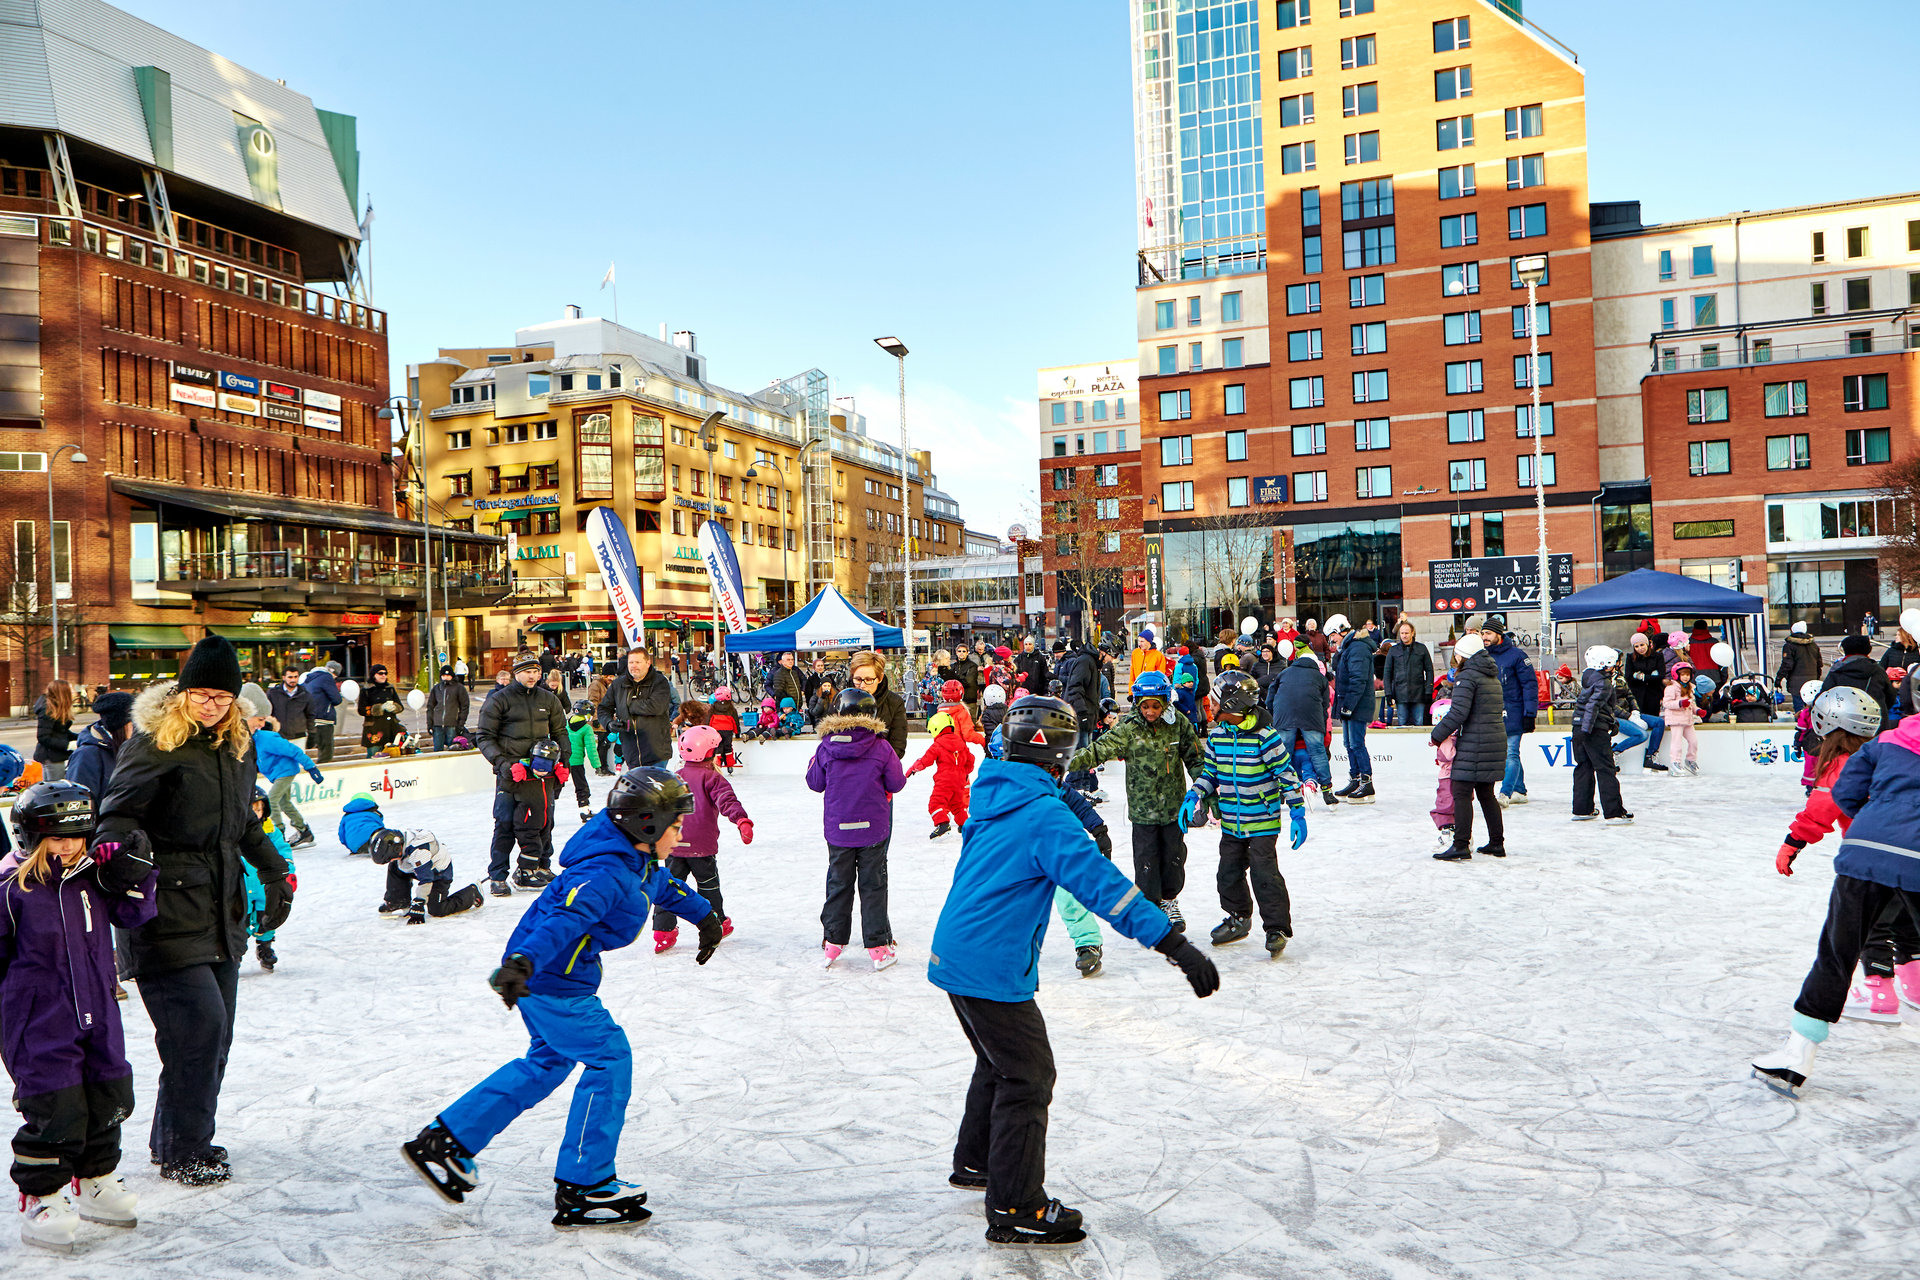 Barn åker skridskor på isbanan i västerås city. Fotograf: Pia Nordlander